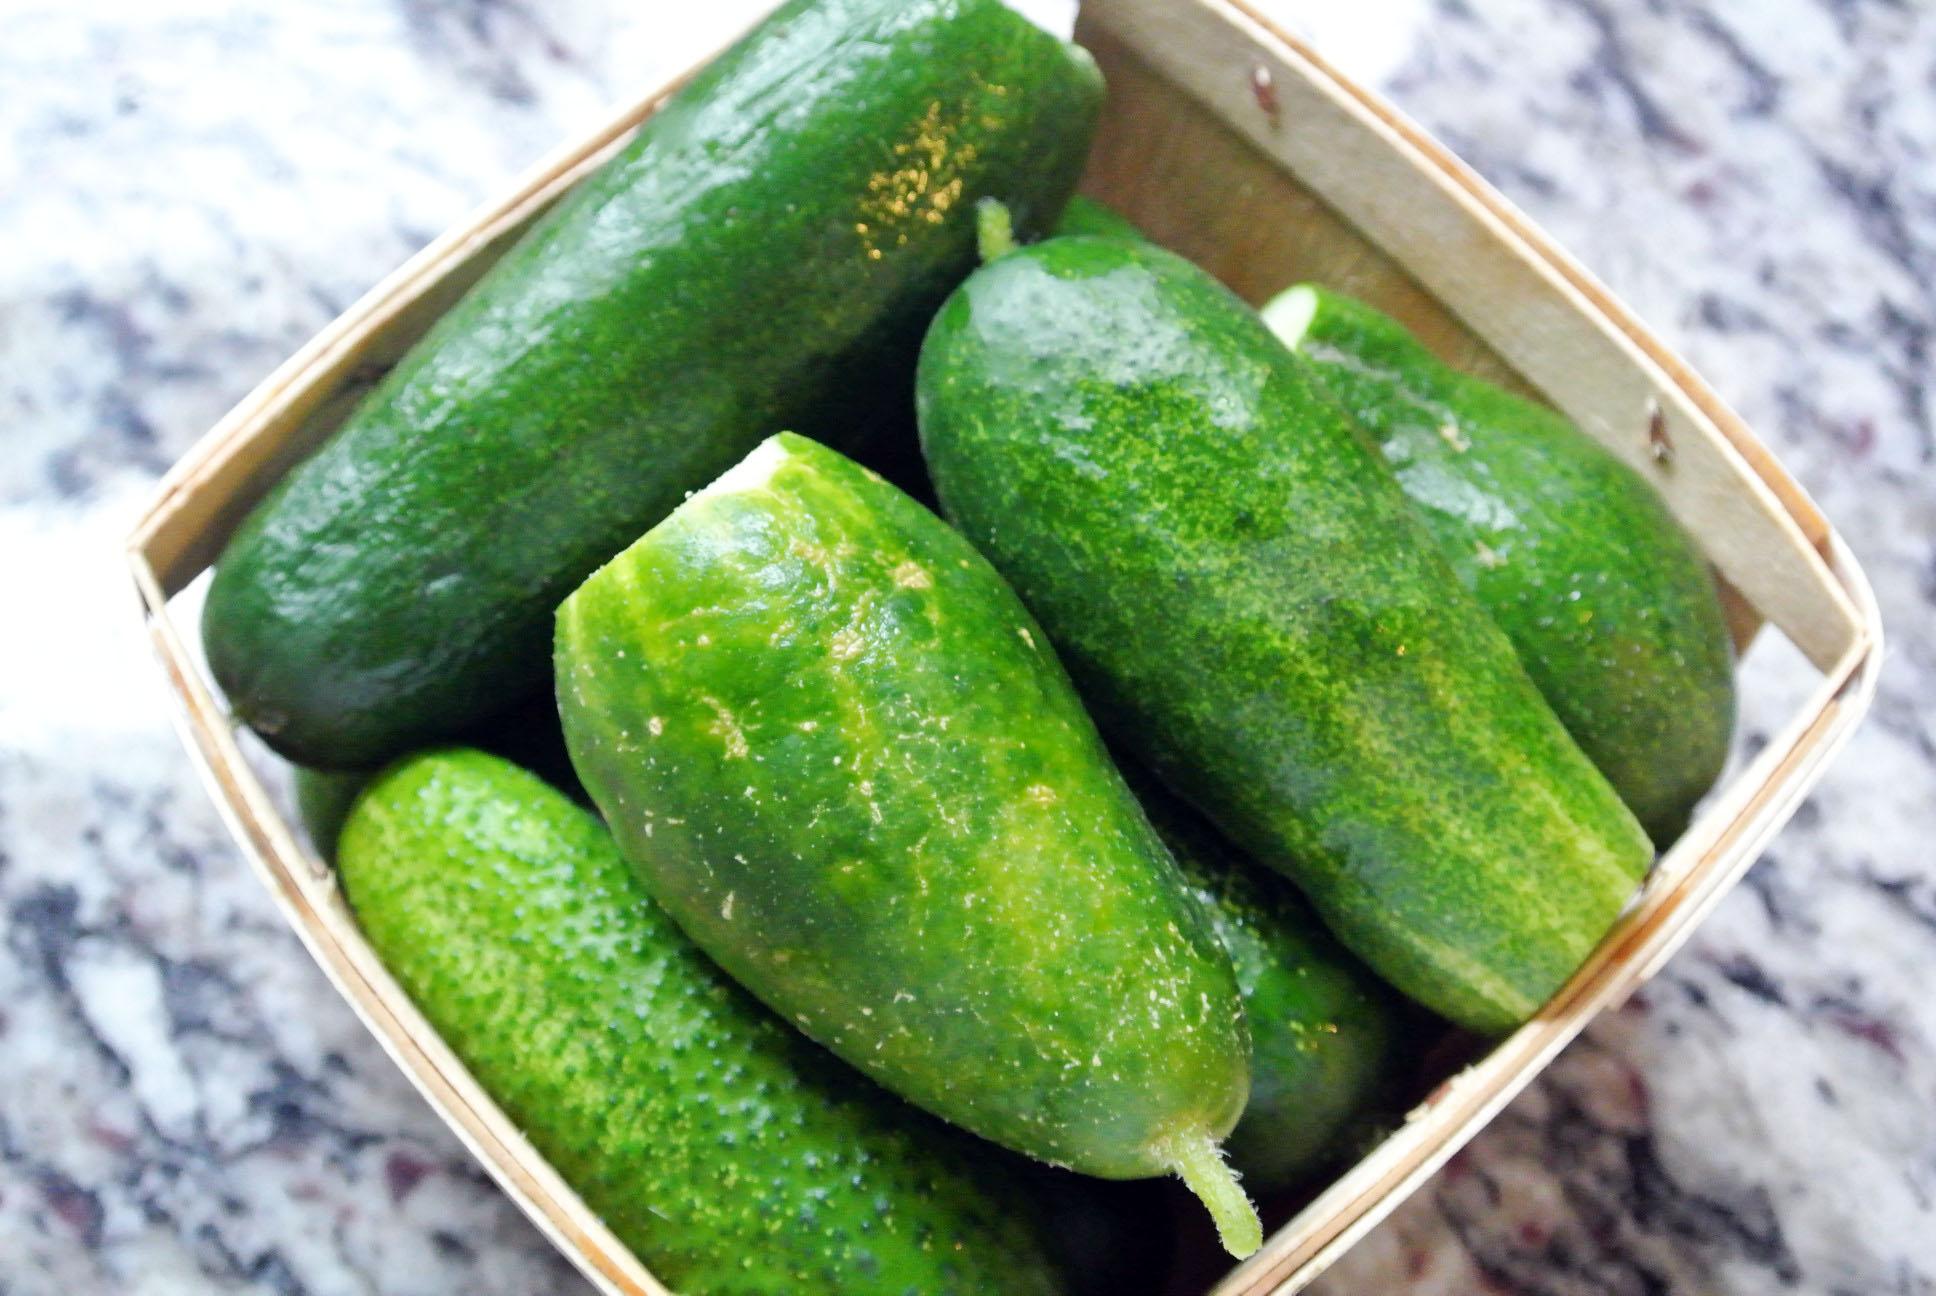 Organic Parisian Pickling Cucumbers